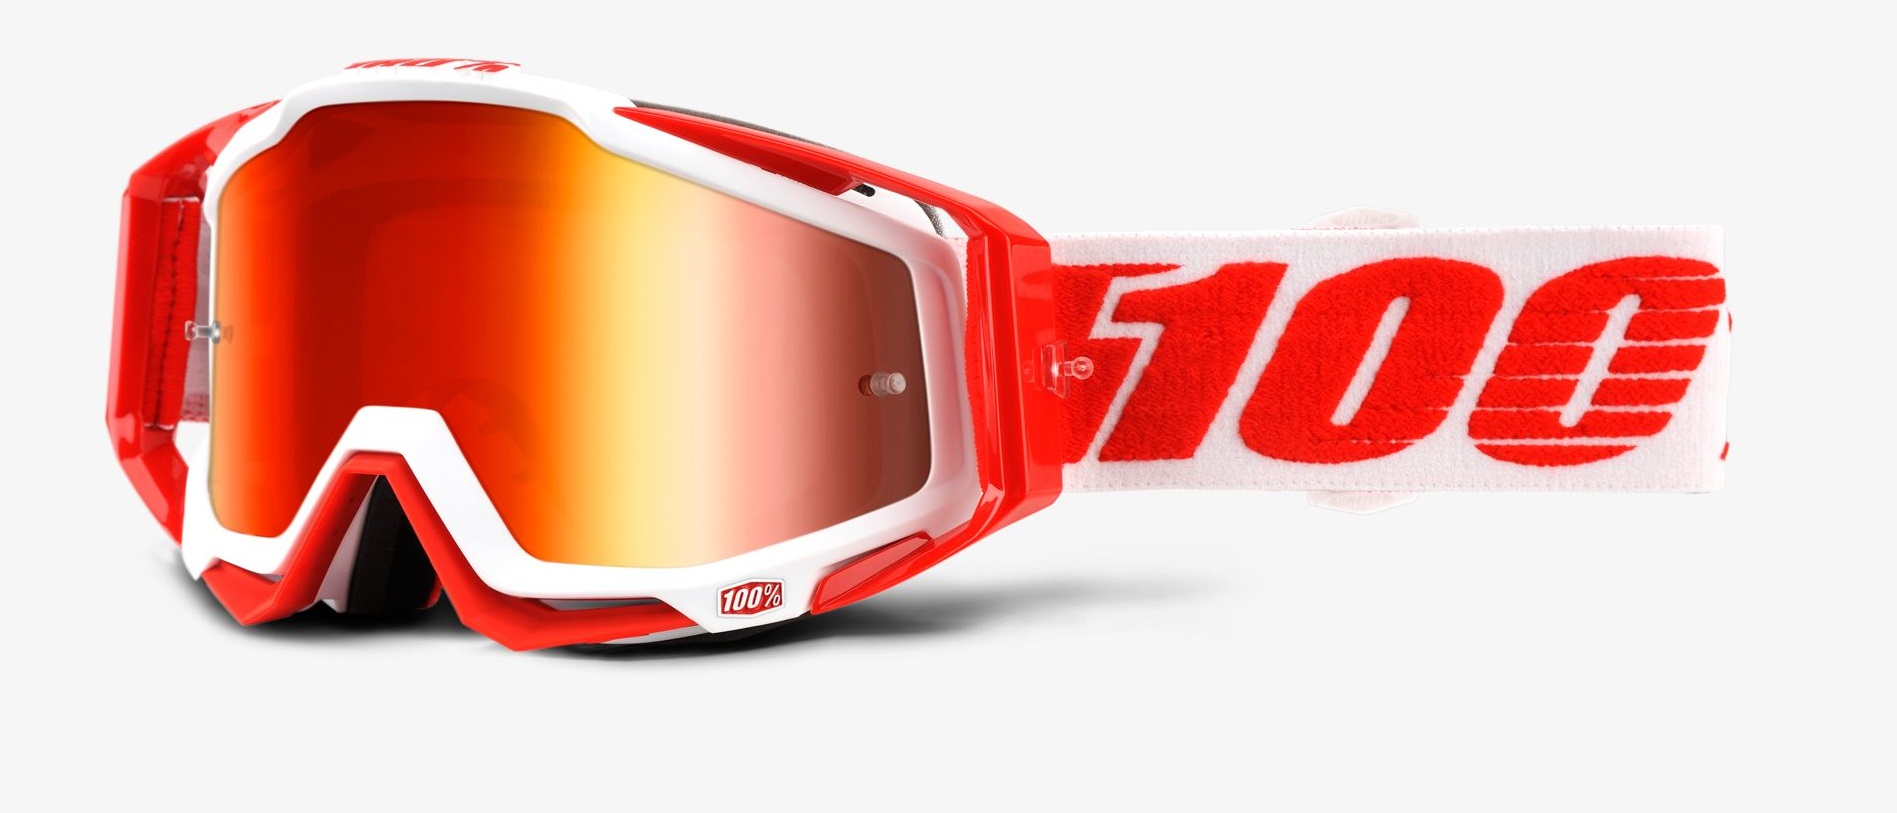 Okuliare RACECRAFT BILAL, 100% (červené plexi/číre plexi/chránič nosa/20strhávačiek)